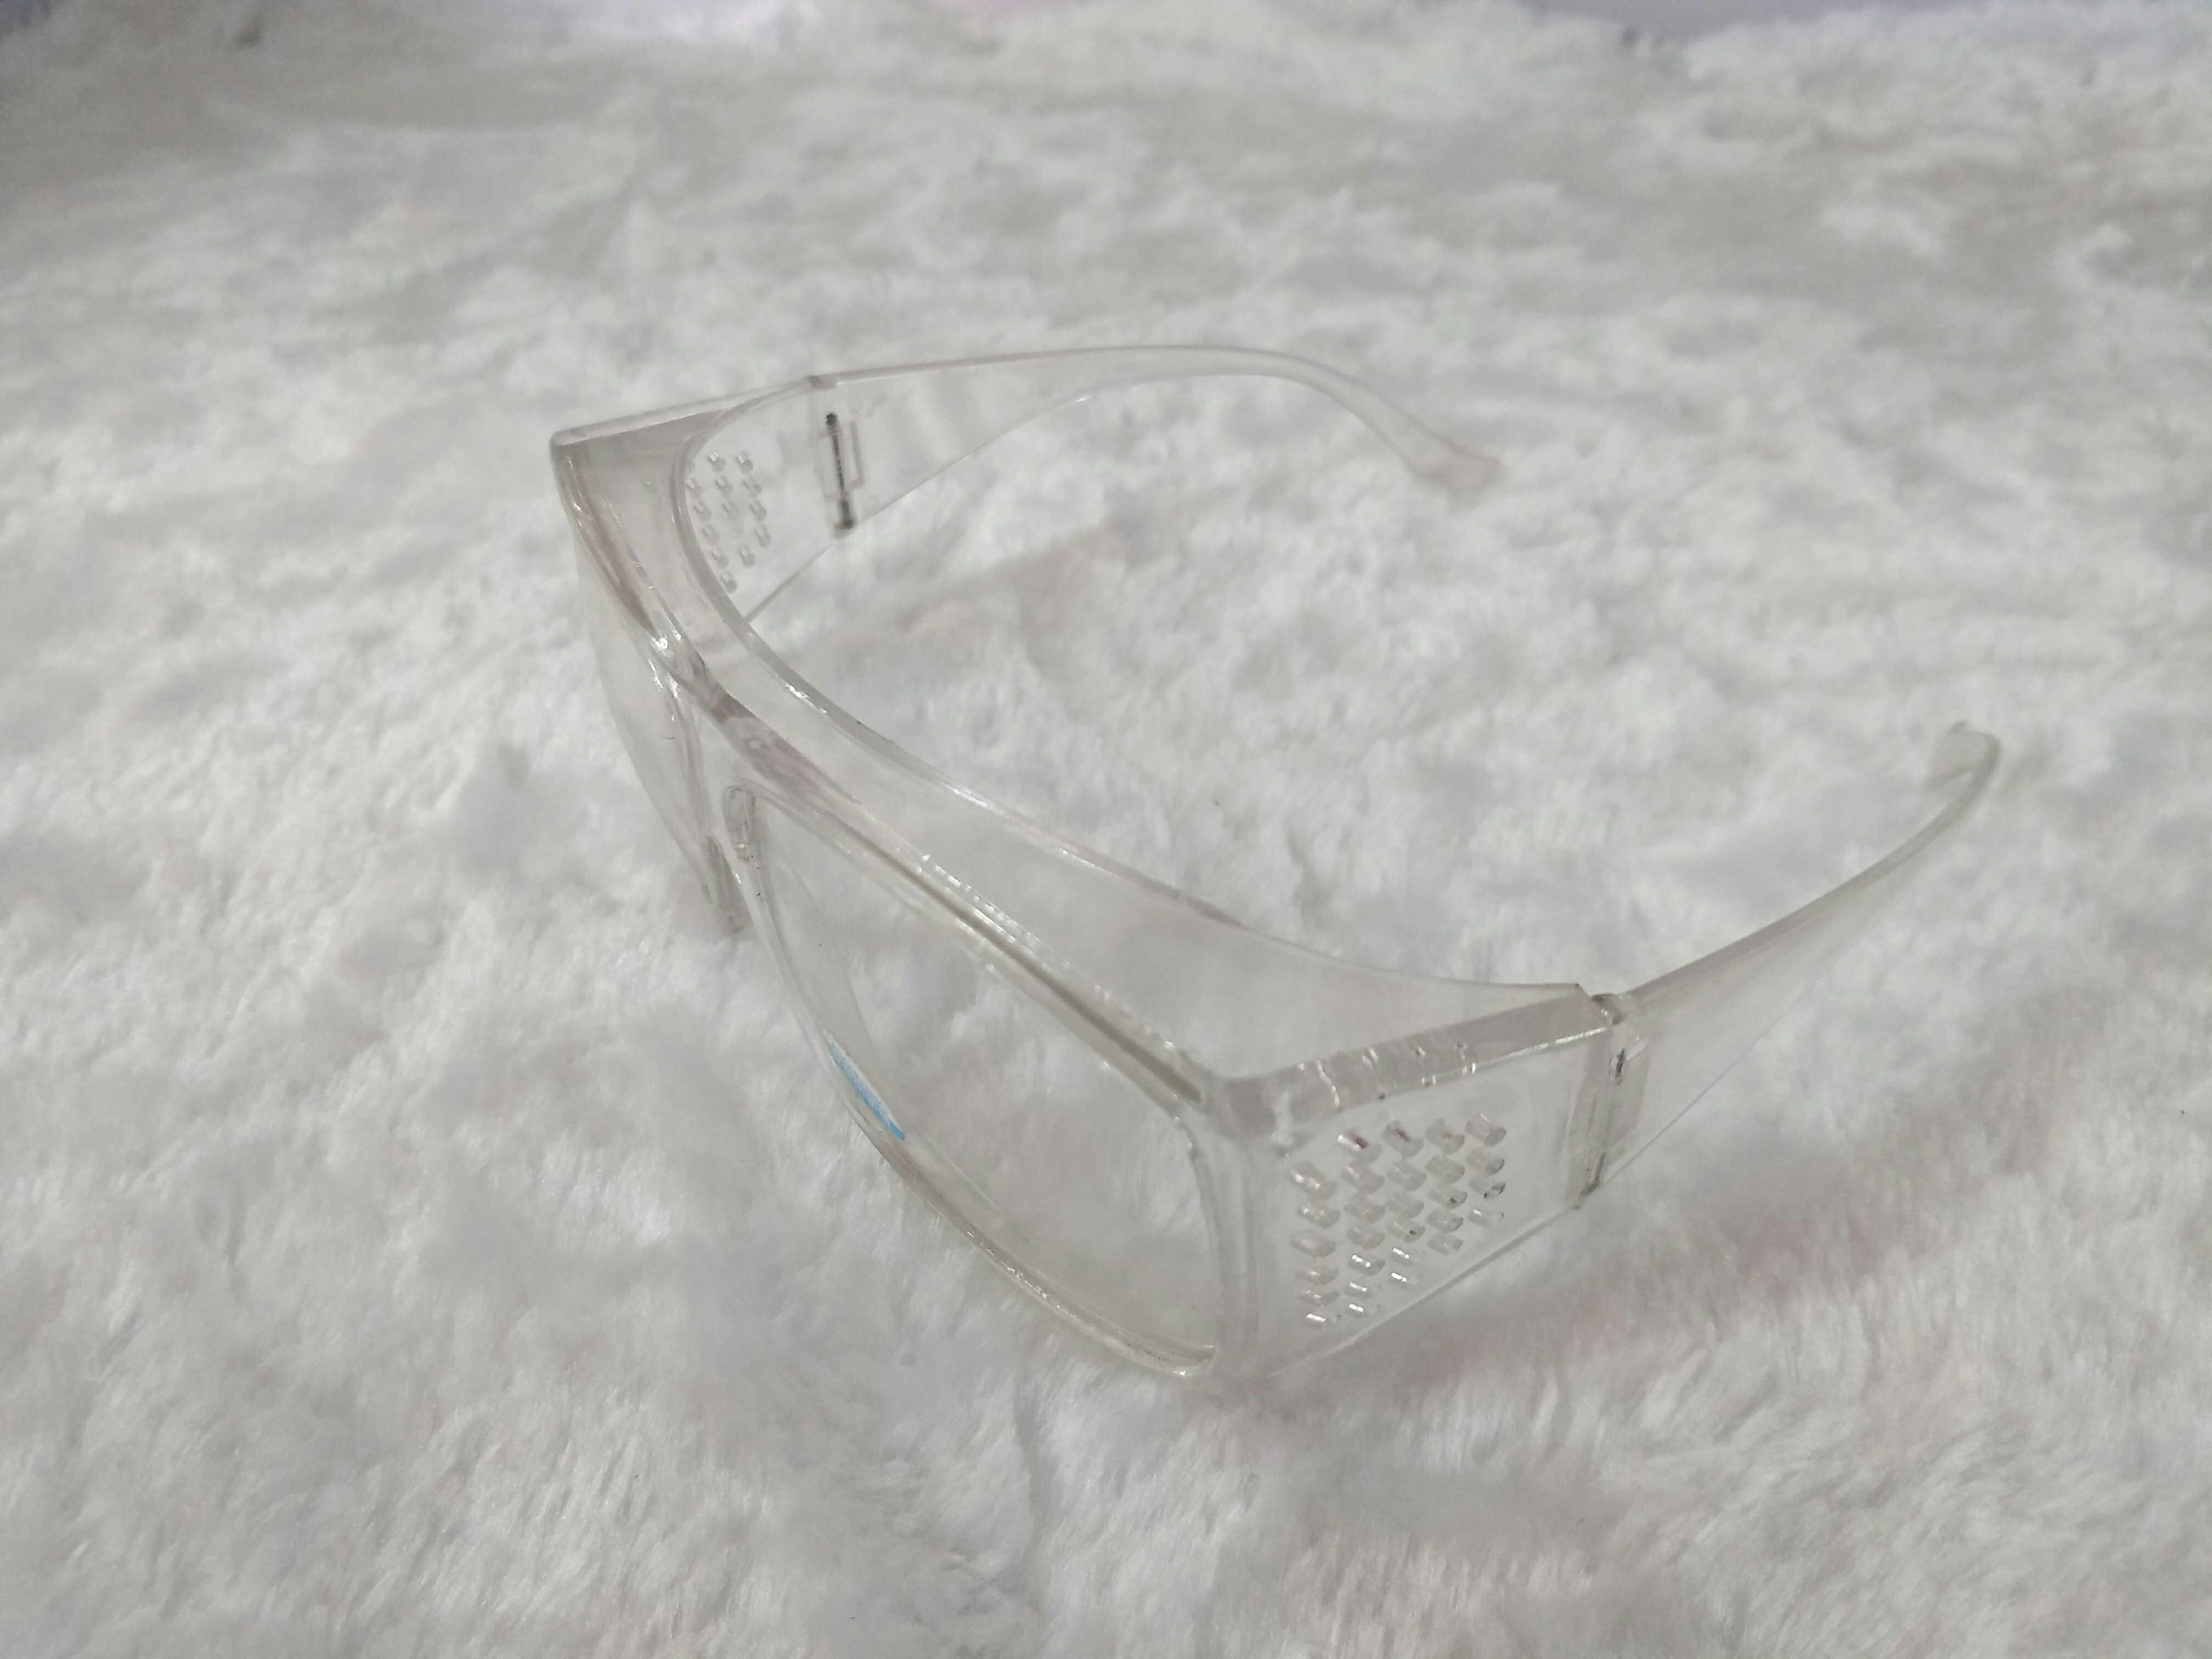 Завод специализируется на производстве всех видов старых защитных глаз зеркало Песостойкий, пылезащитный, ударопрочный глаз зеркало оптовые продажи